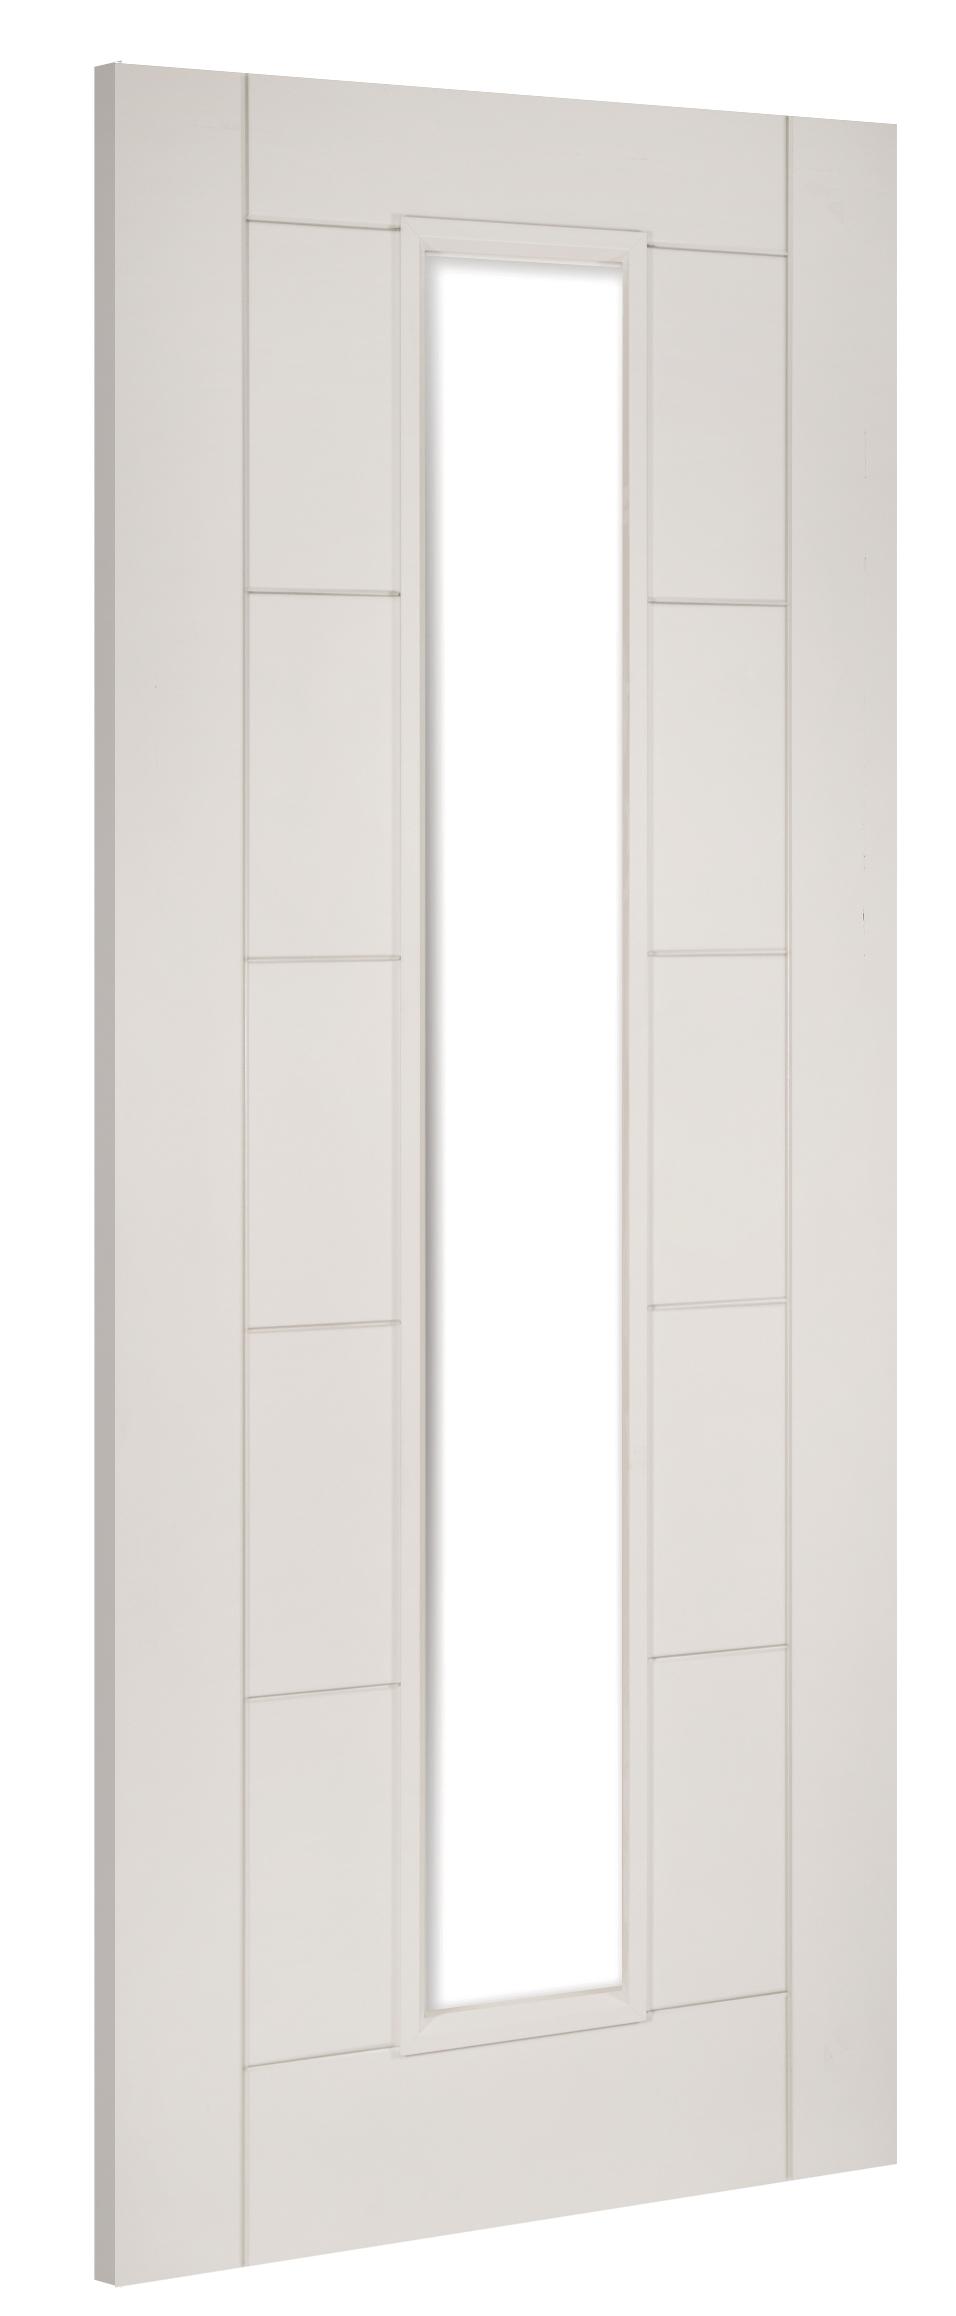 Primed Doors HP16G-UNG